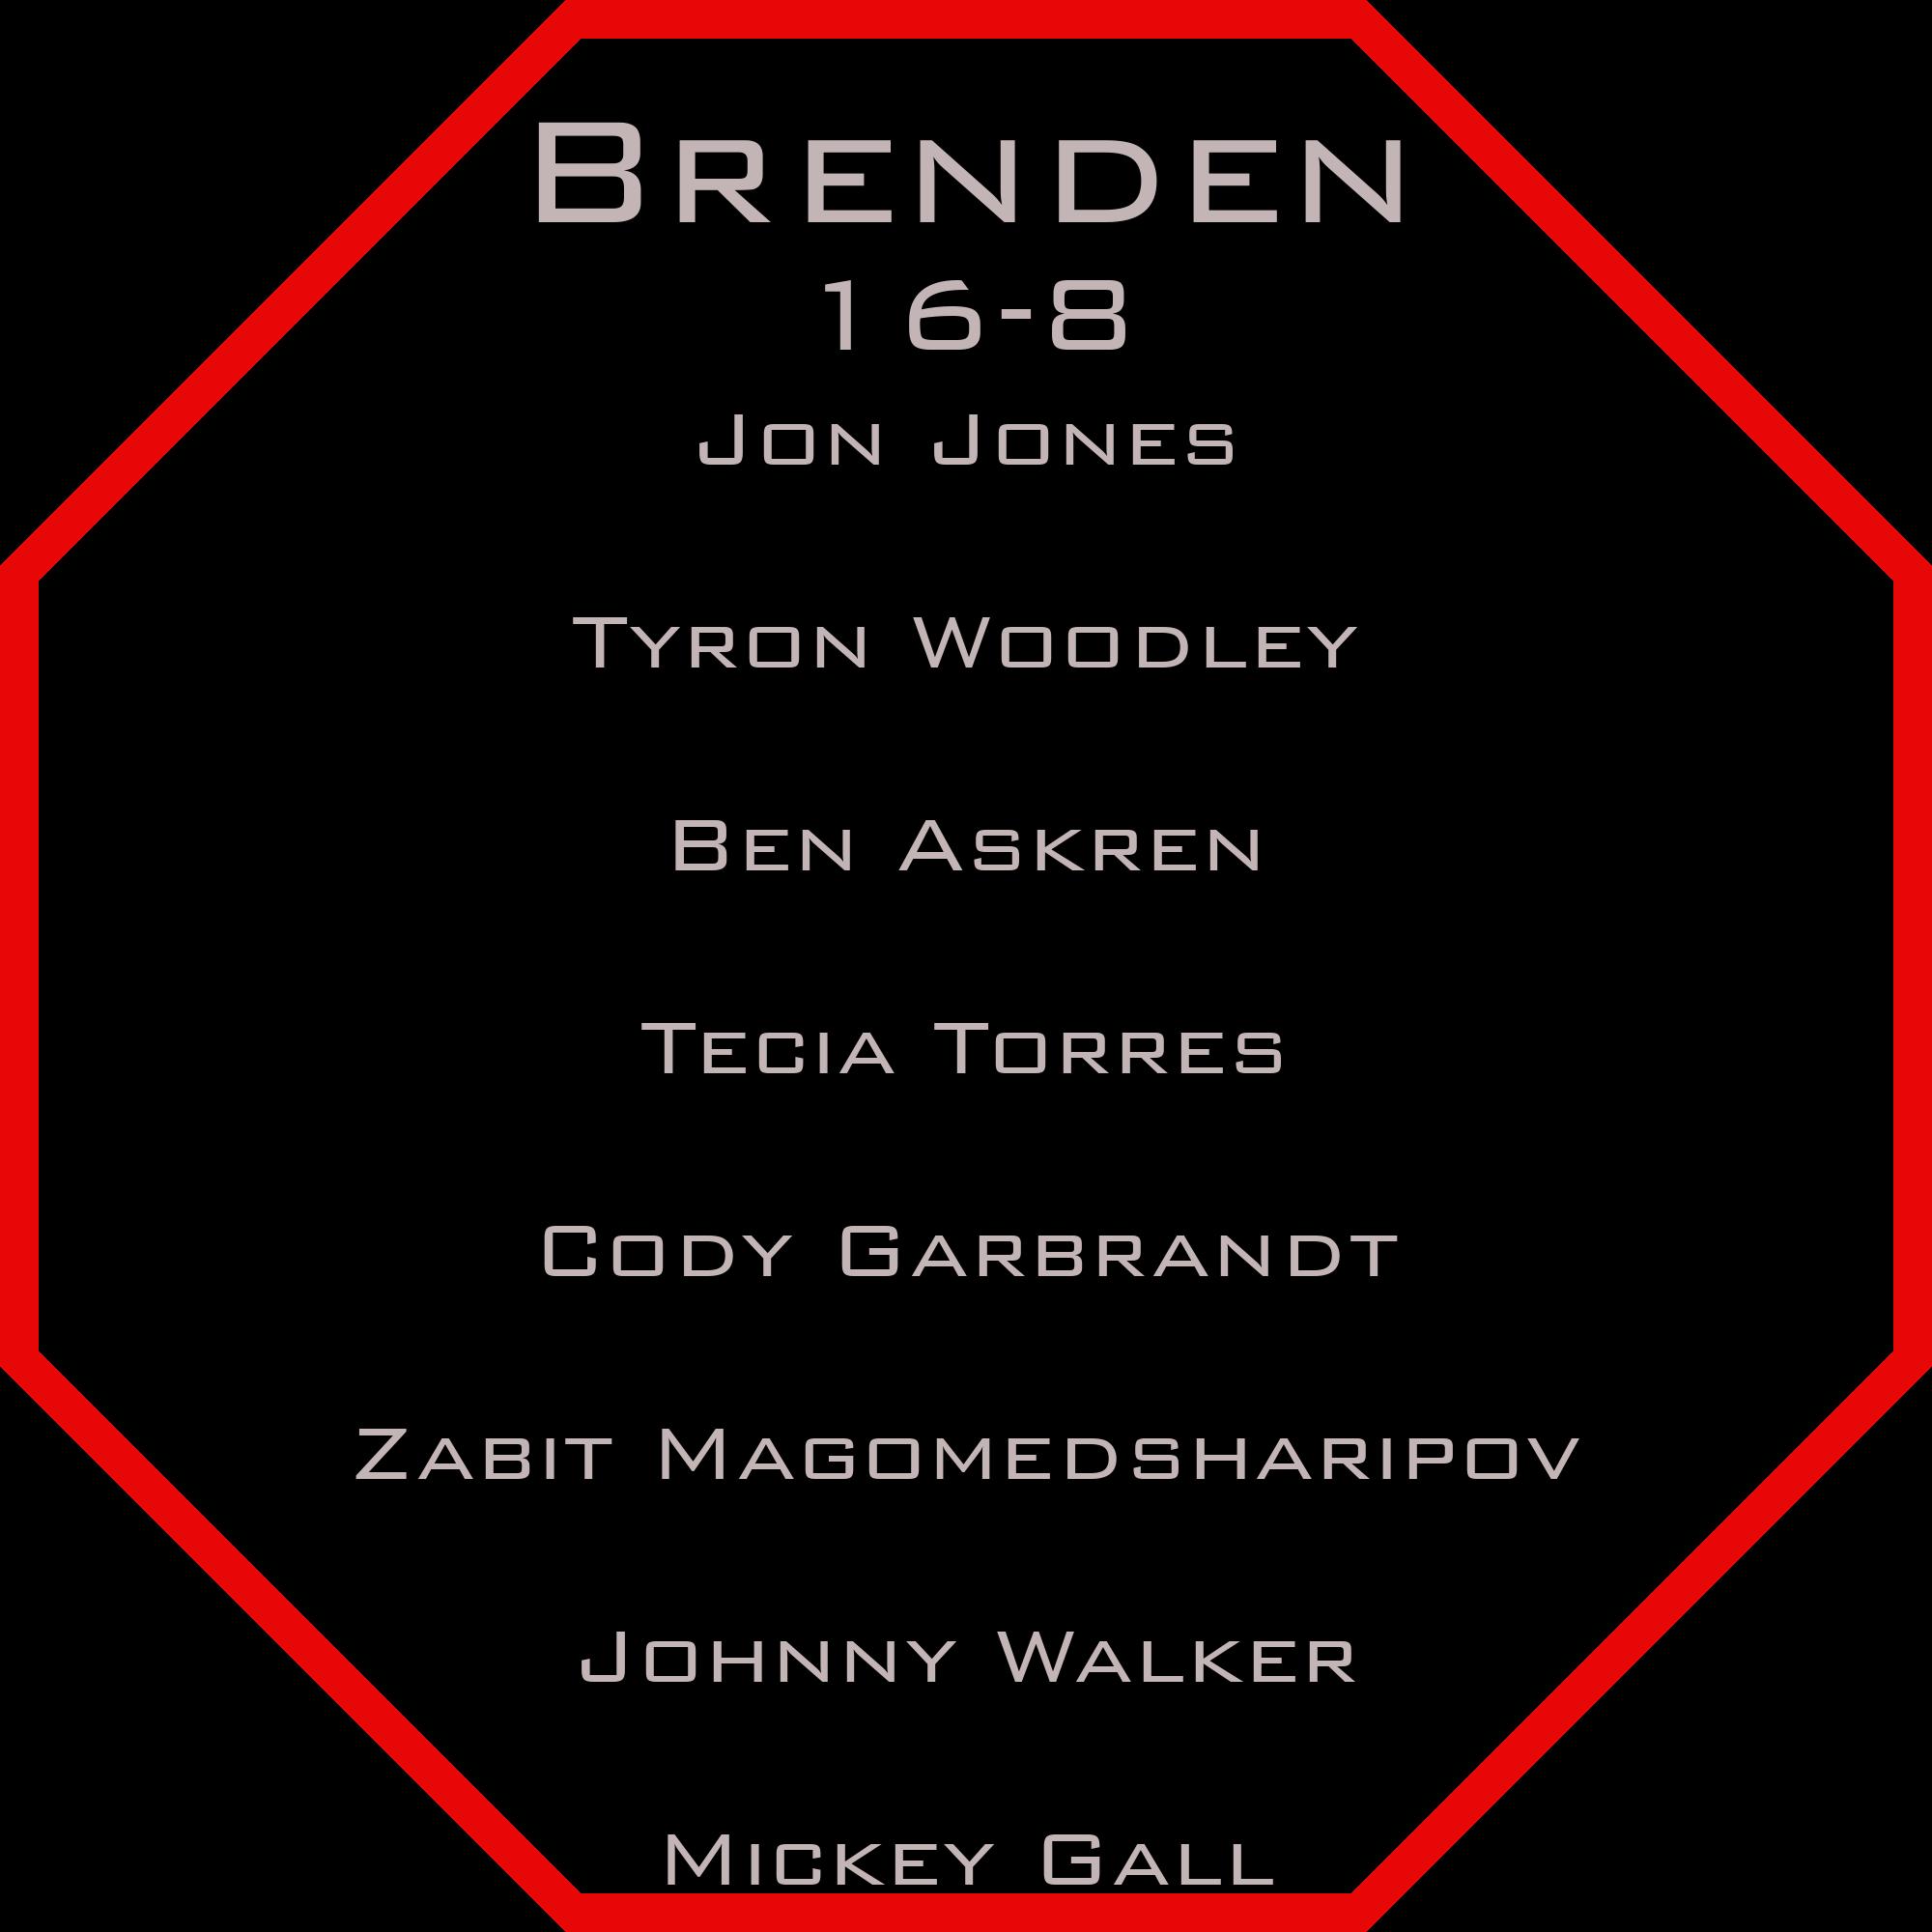 brenden 235.png